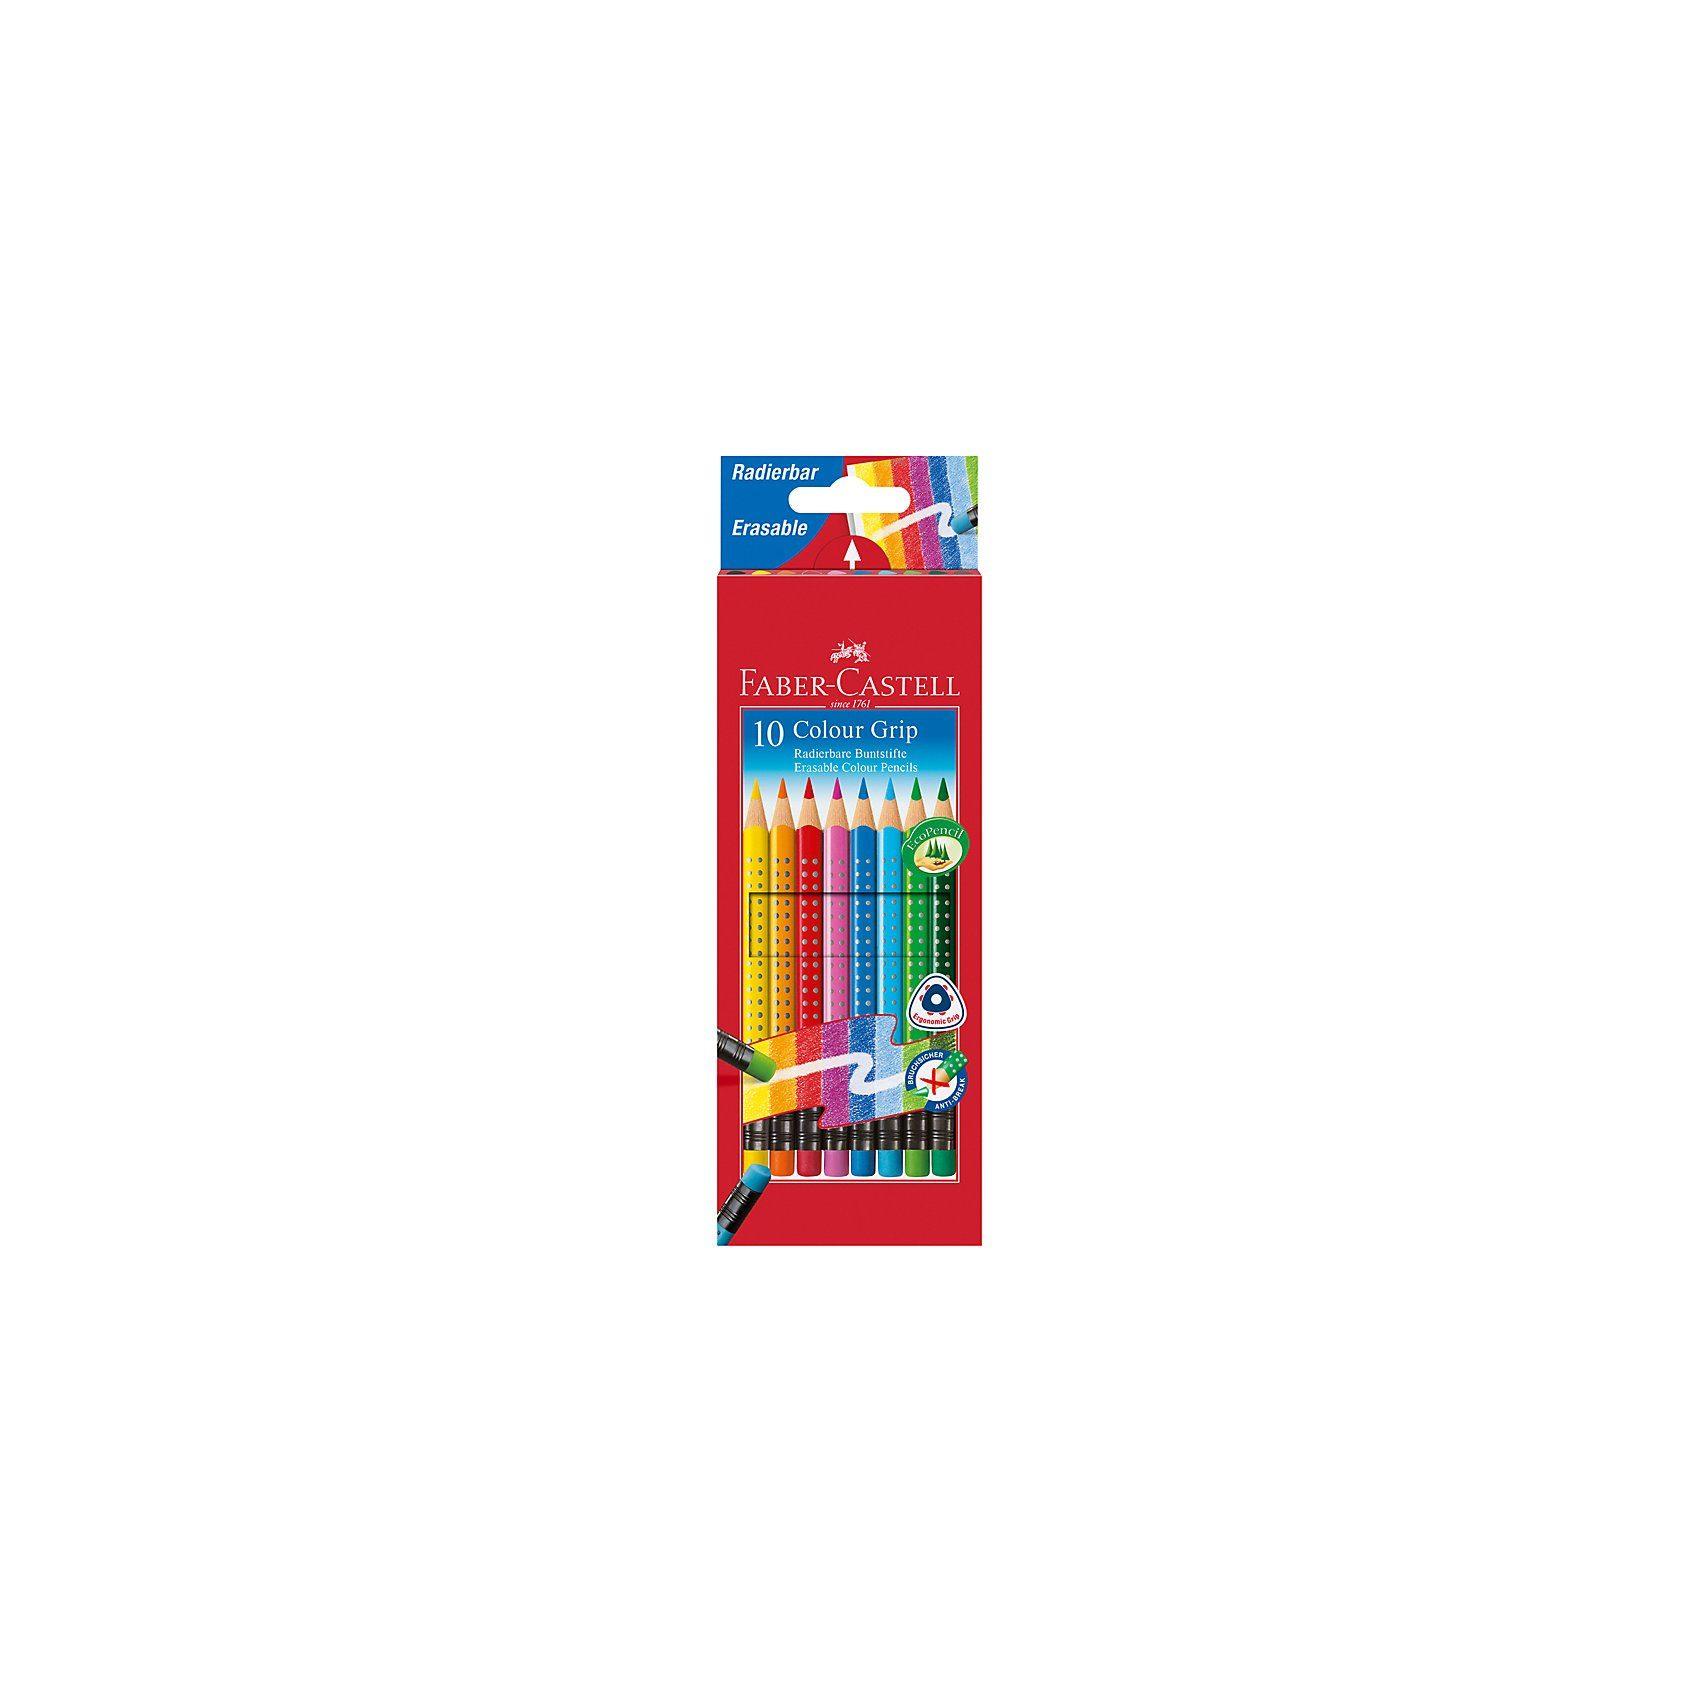 Faber-Castell COLOUR GRIP Buntstifte radierbar, 10 Farben